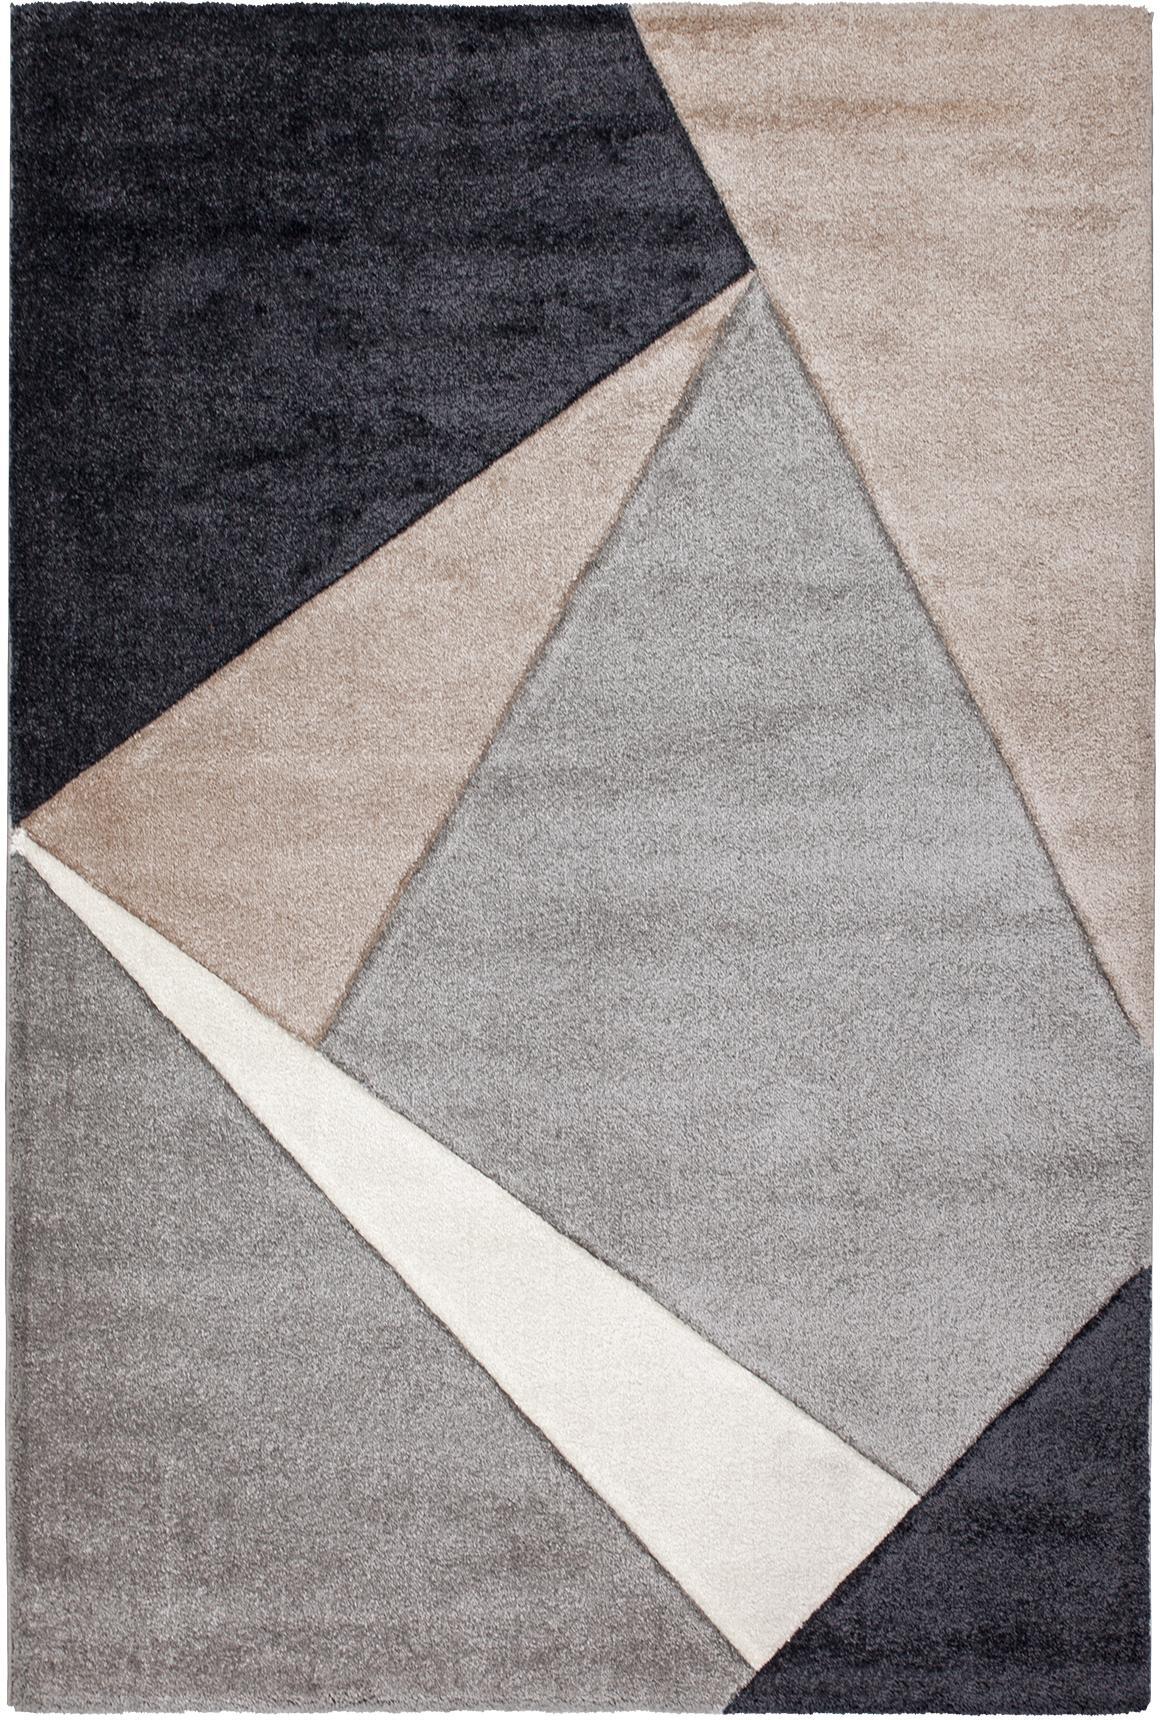 Tappeto con motivo geometrico My Broadway, Retro: juta, Taupe, beige, antracite, grigio, Larg.160 x Lung. 230 cm (taglia M)